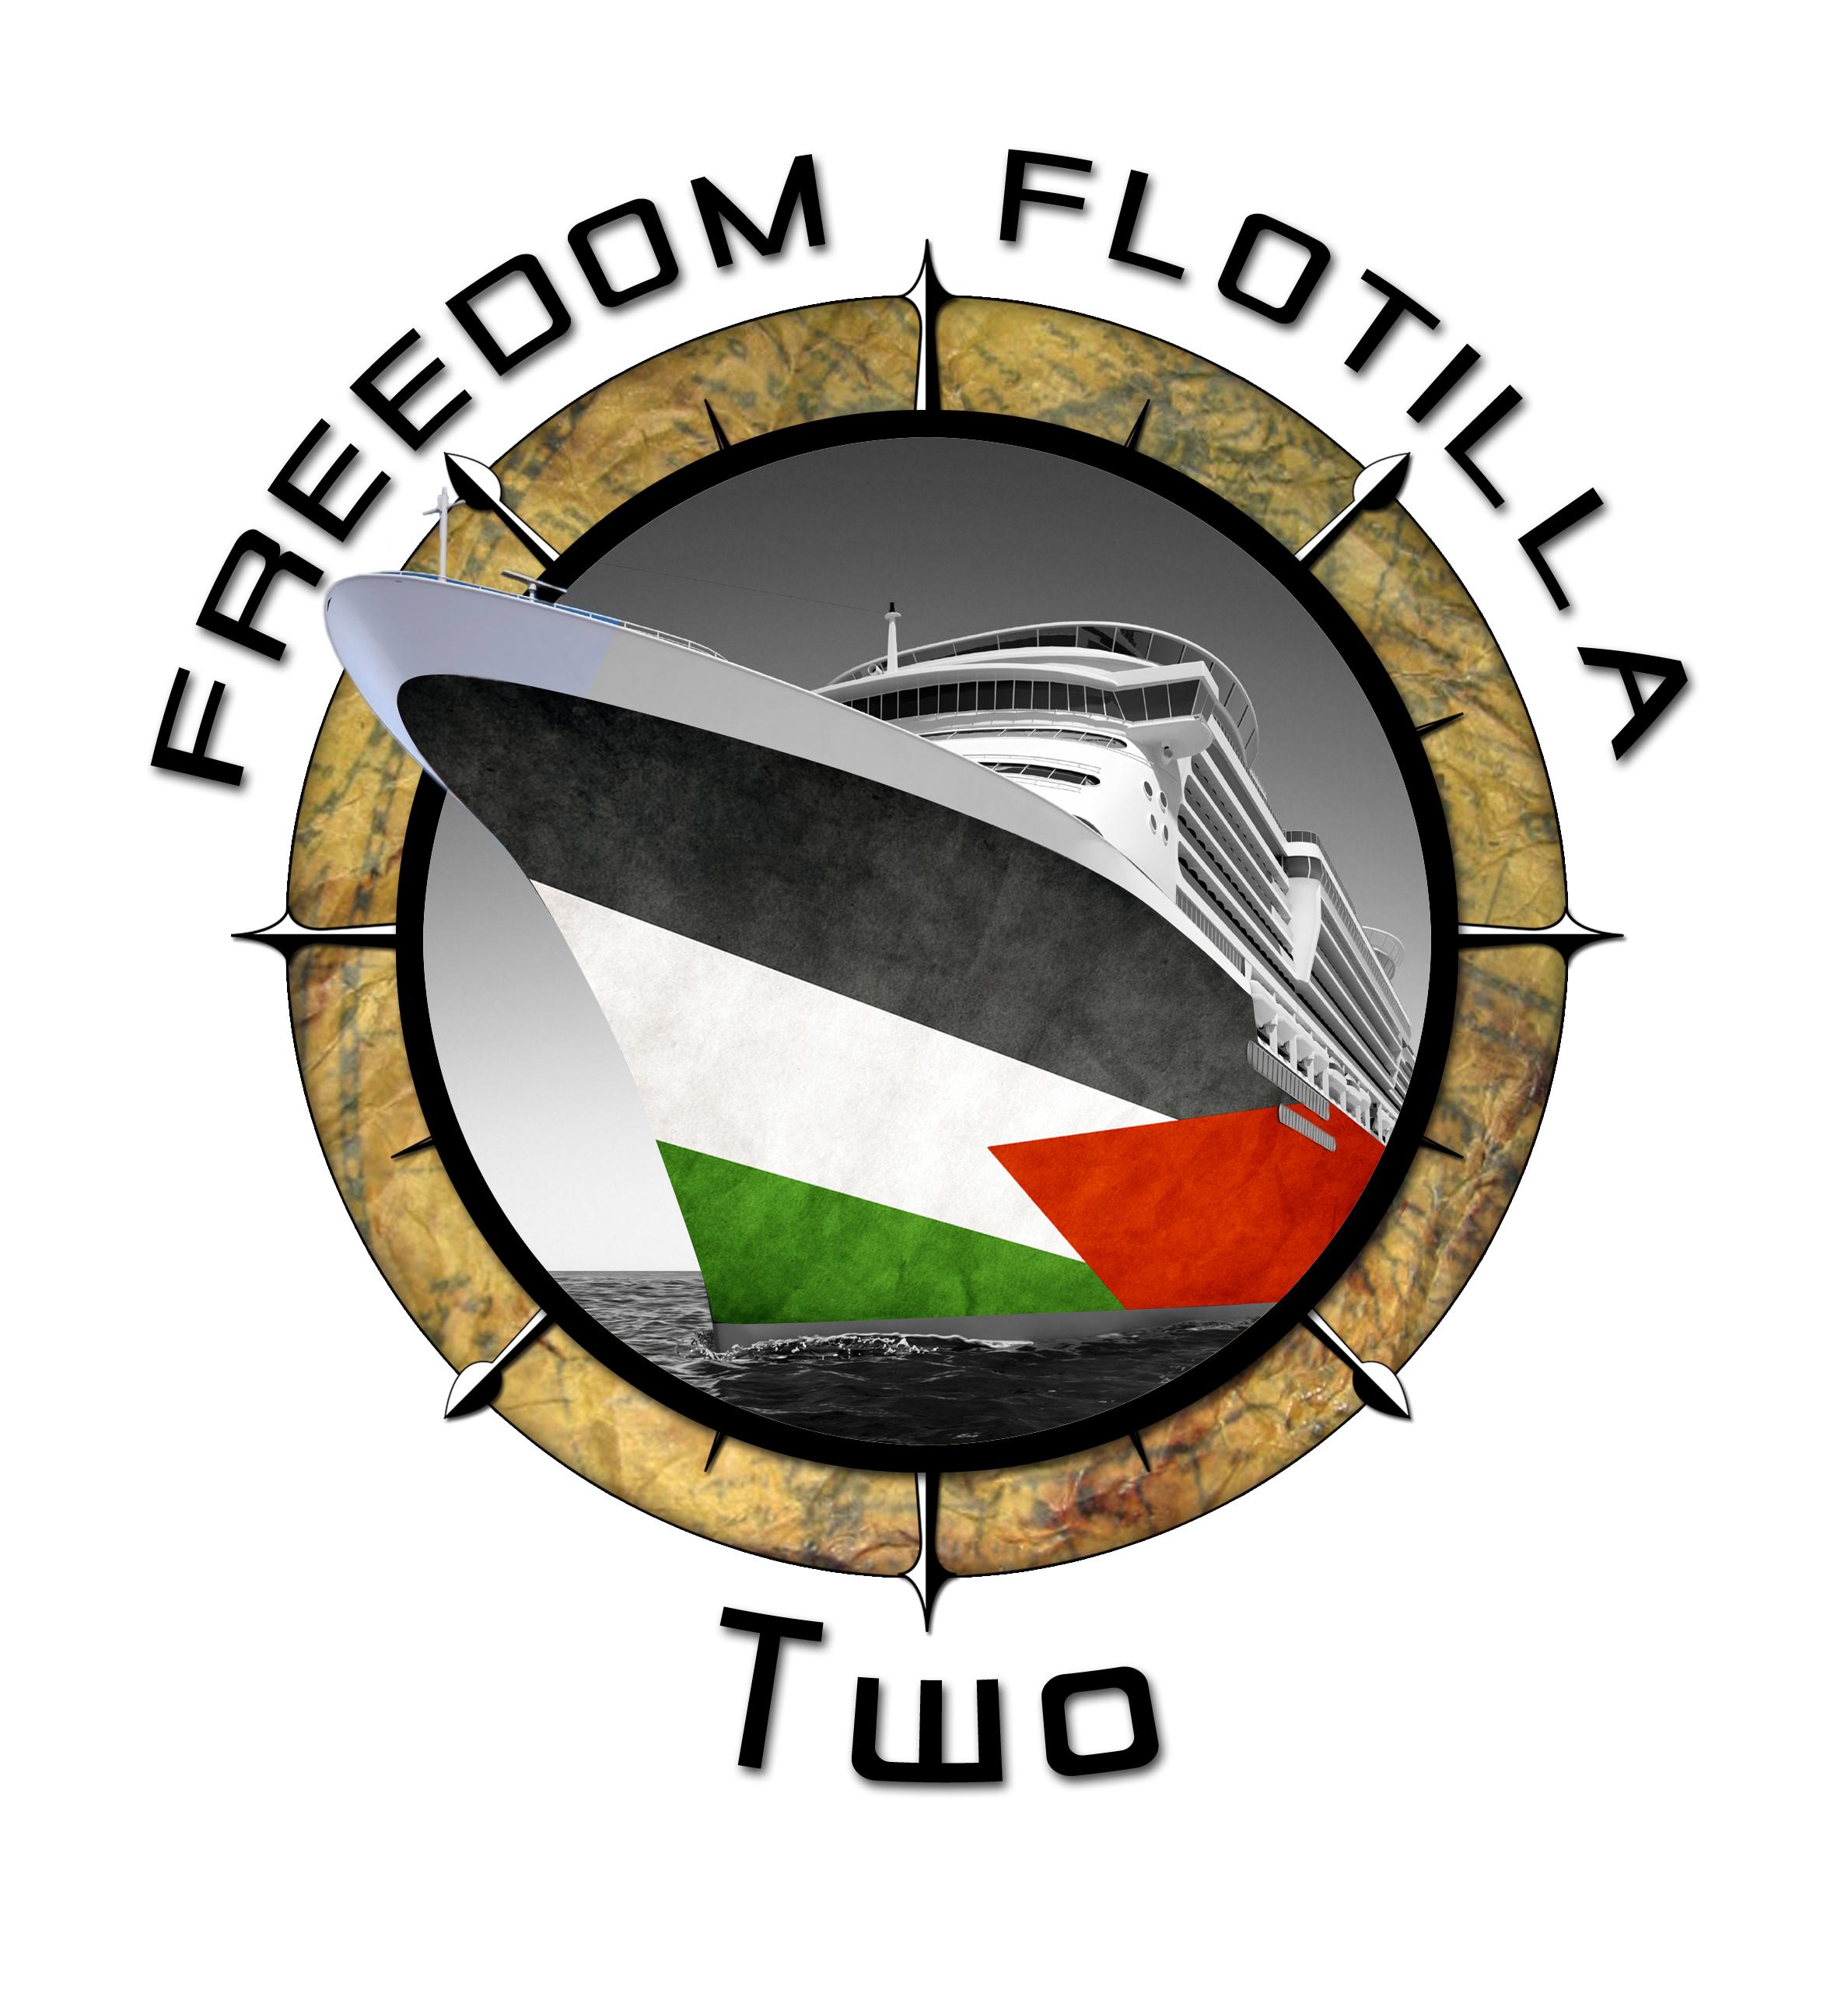 Centinaia di cittadini di tutto il mondo ad Atene per la Freedom Flotilla 2. Partita la prima barca